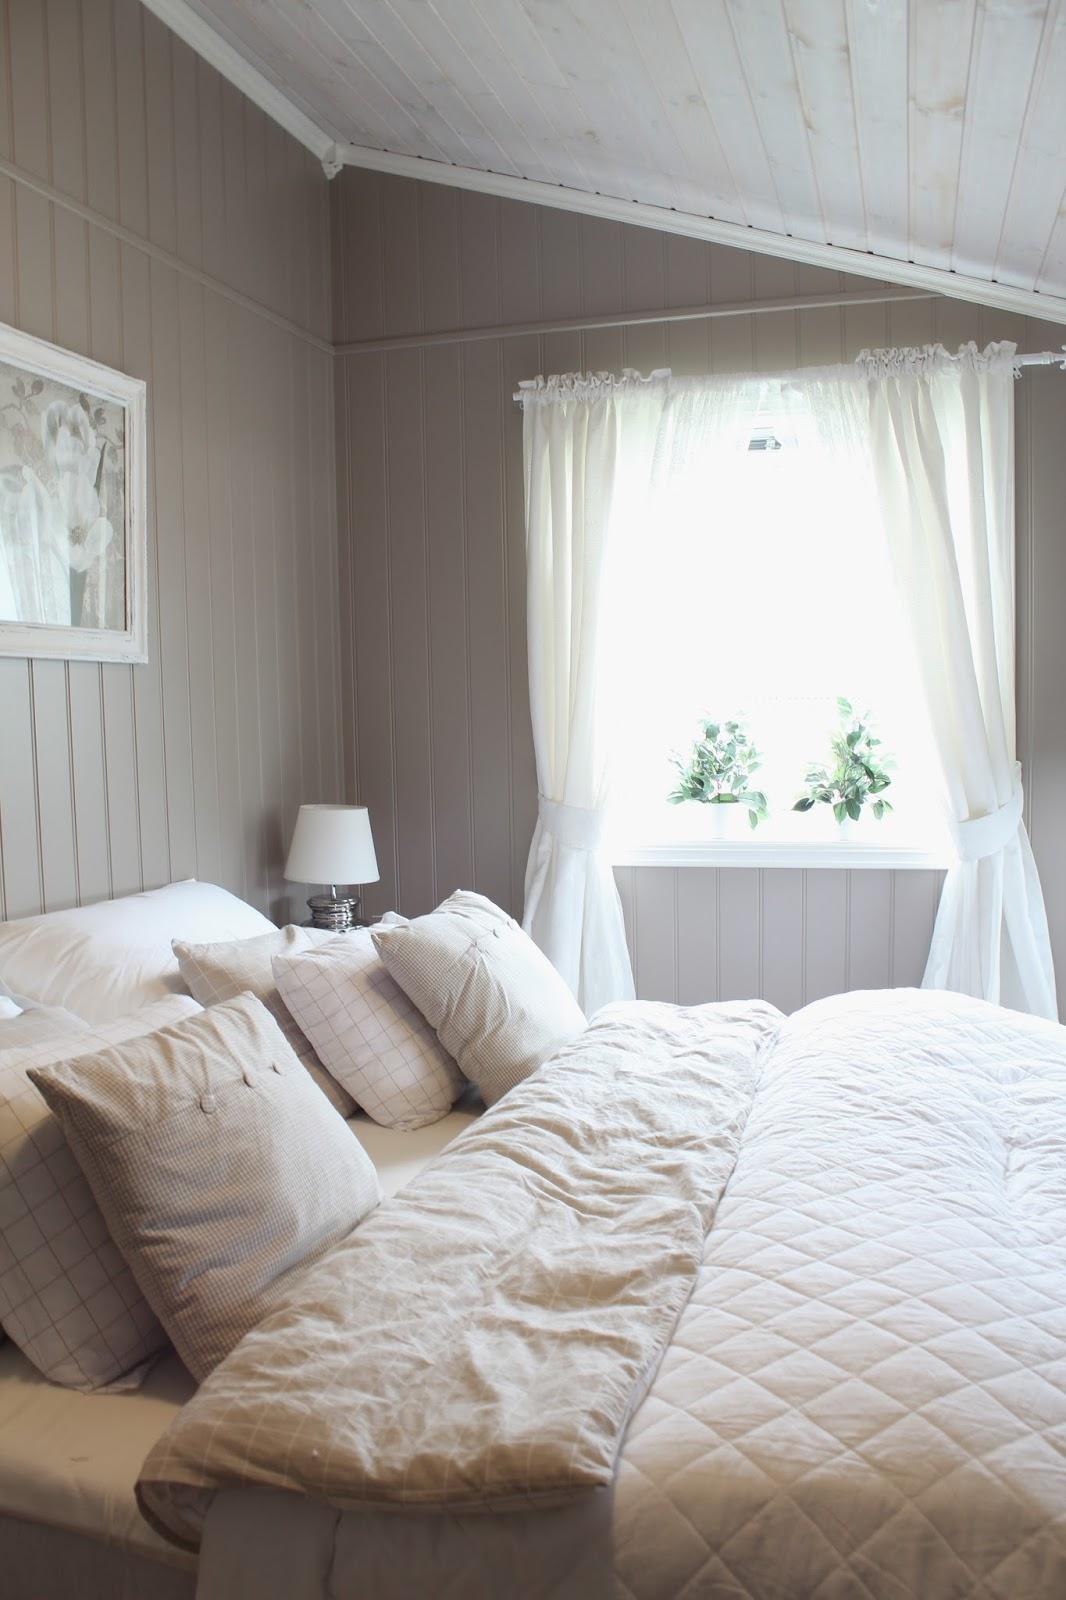 Hvordan re opp sengen fint